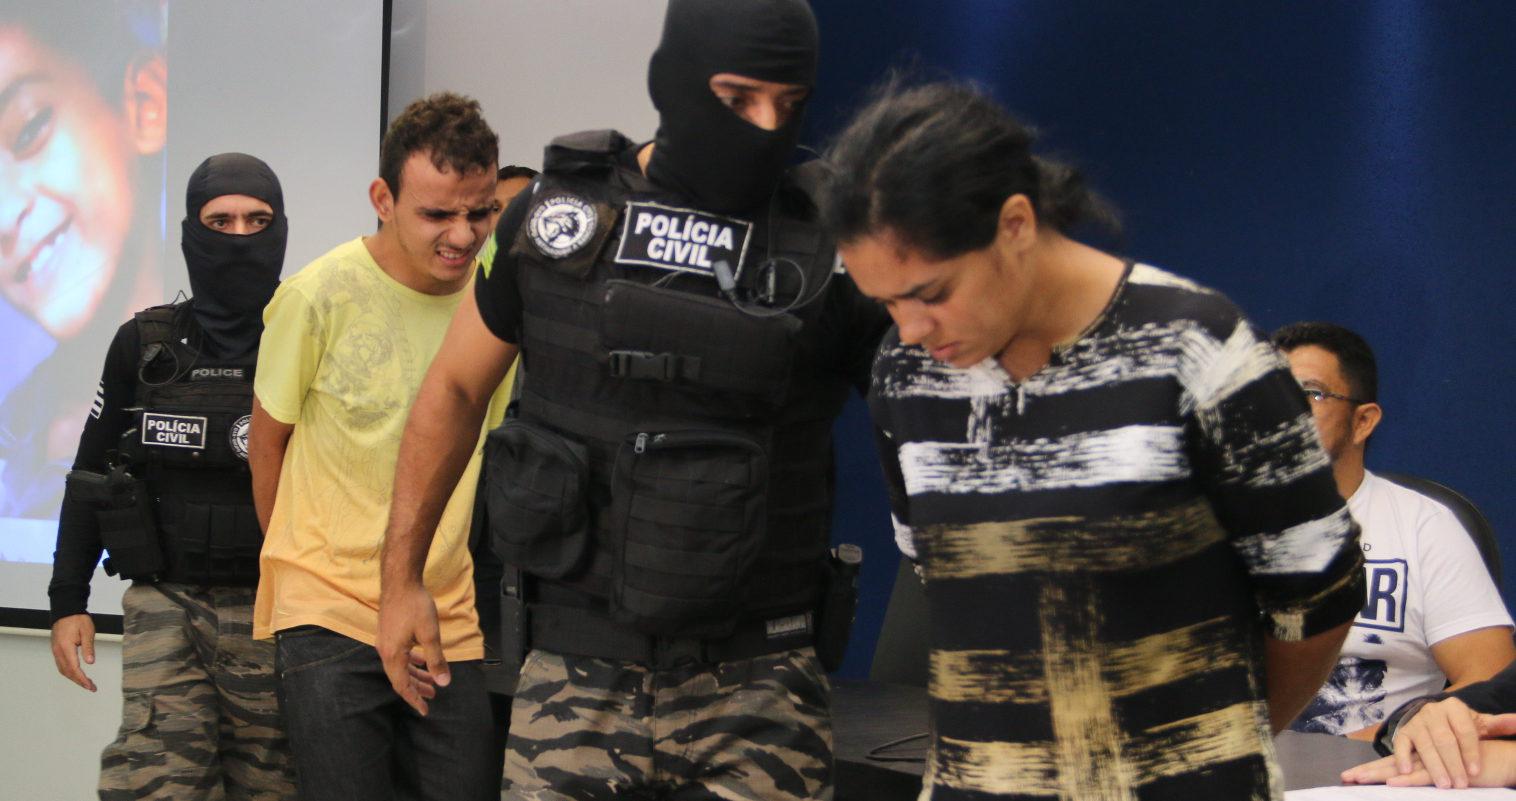 Mãe | O casal registrou um boletim de ocorrência na Central de Flagrantes, dizendo que o garoto havia sido sequestrado por traficantes de drogas